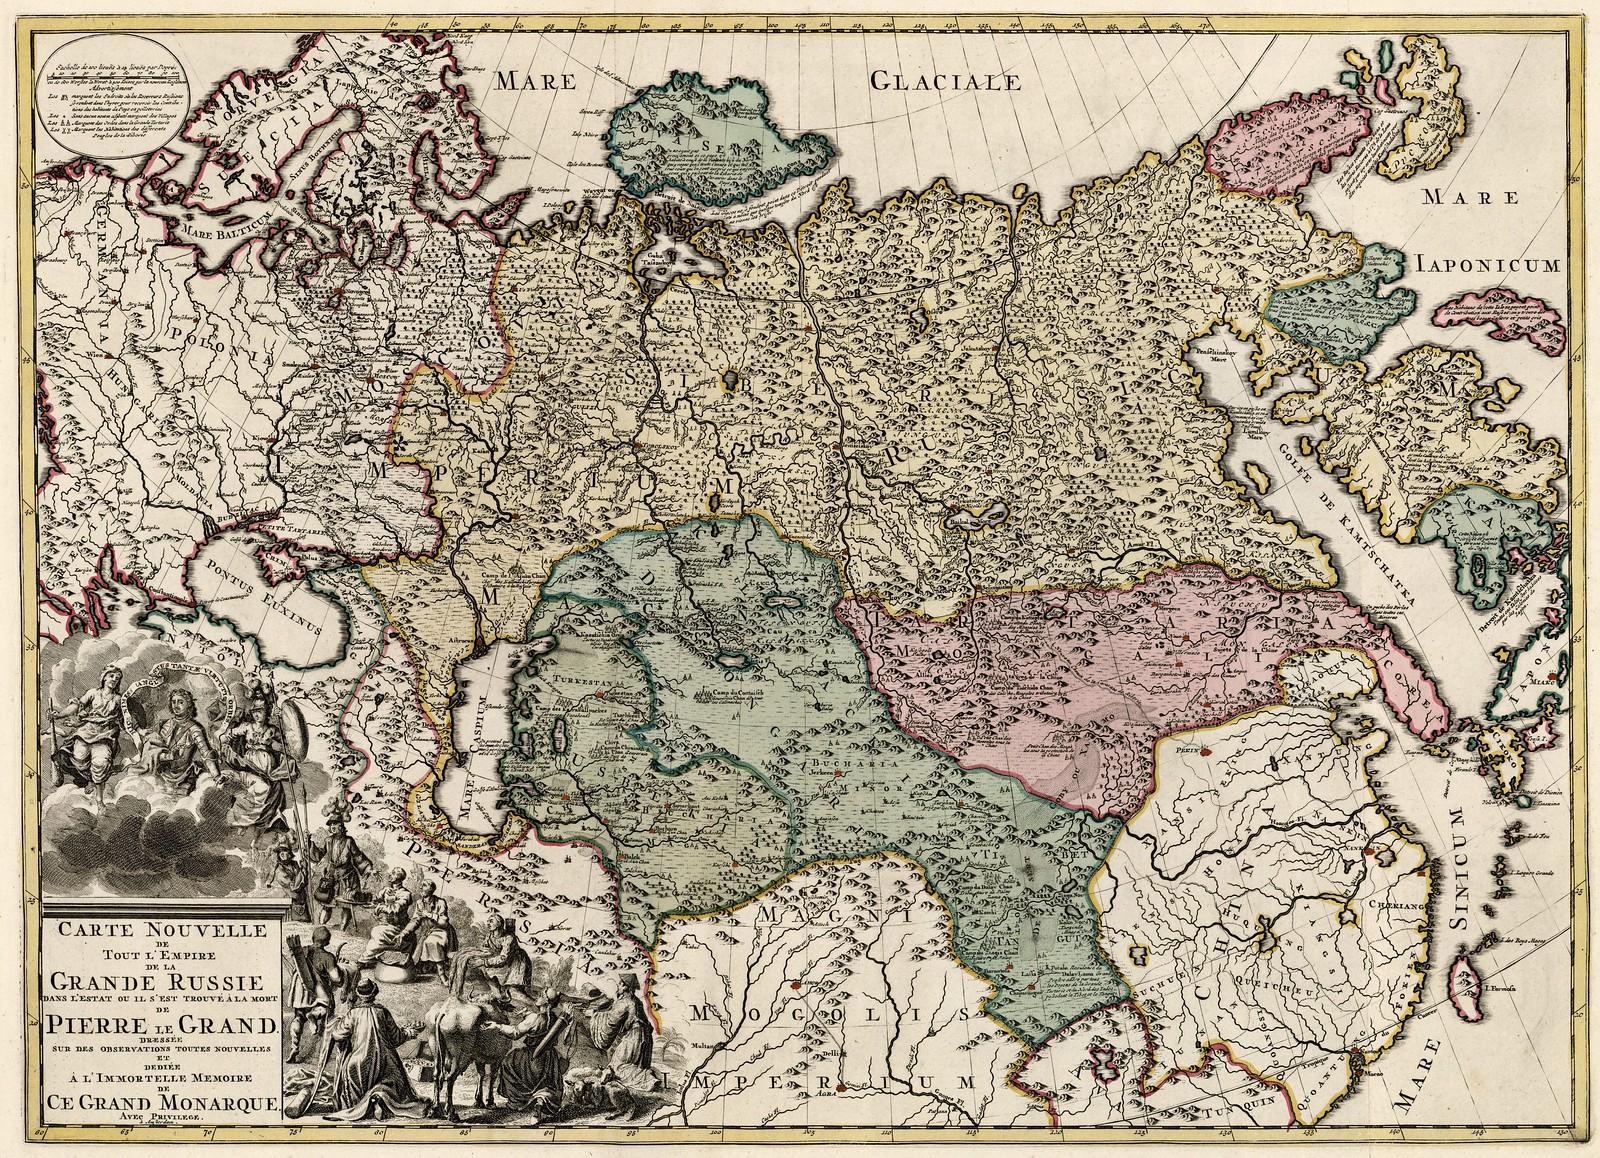 1725. Новая карта всей Империи Великой Руси в состоянии, в котором она оказалась при смерти Петра Великого.